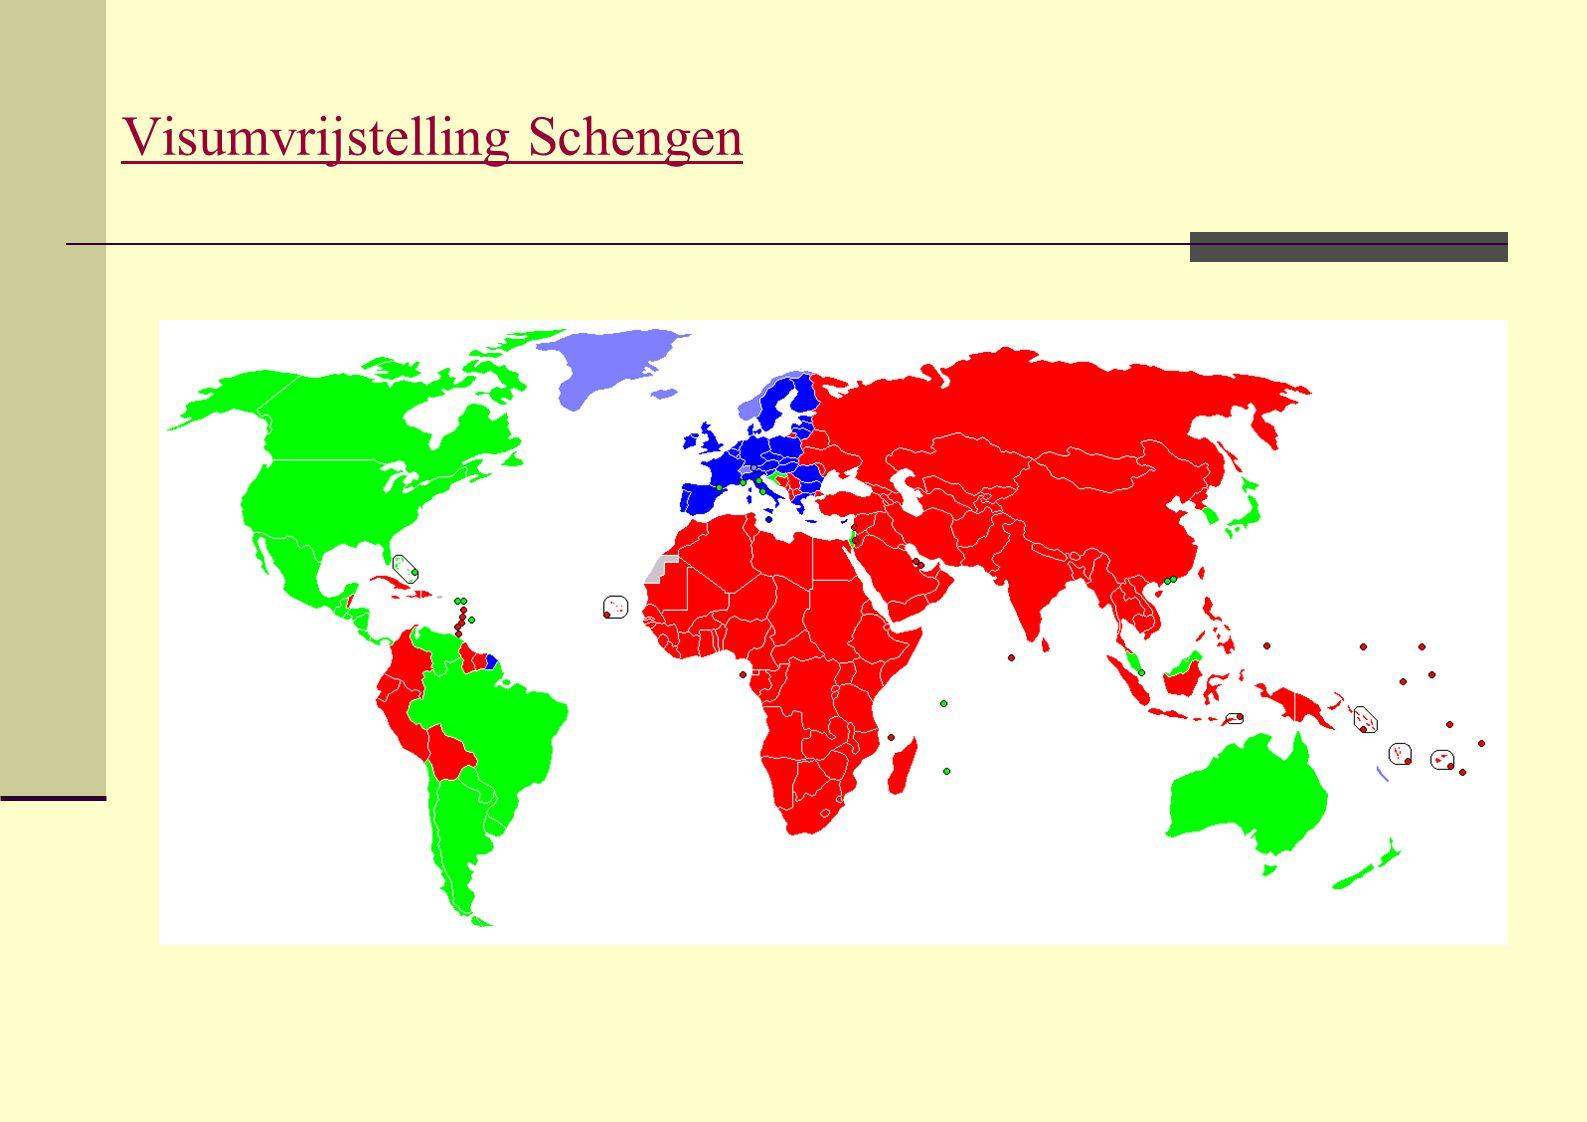 Verblijf om medische reden (artikel 9ter)  Voorwaarden:  Men verblijft reeds in België  De ziekte houdt een risico voor het leven of de fysieke integriteit of voor onmenselijke of vernederende behandeling in,  als er geen adequate (beschikbare en toegankelijke) behandeling voor deze ziekte is in het land van herkomst (= verband tussen ziekte, behandeling in België en land van herkomst, en humanitair risico)  Aanvraag:  Rechtstreeks bij DVZ - Dienst Humanitaire Regularisaties art.